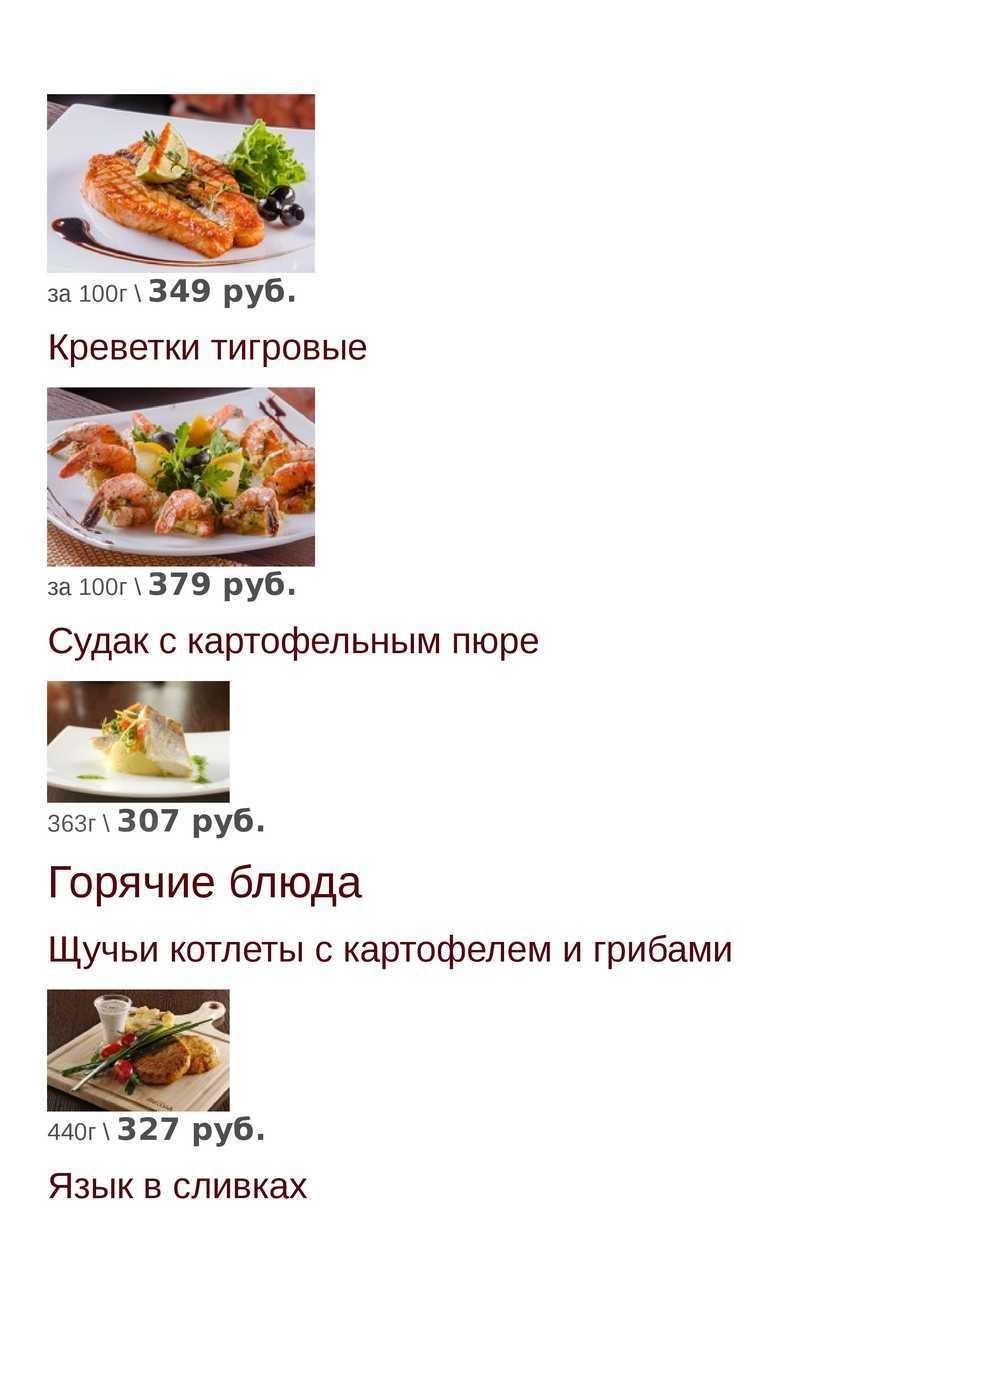 Меню кафе Ермак на проспекте имени газеты Красноярский Рабочий фото 17